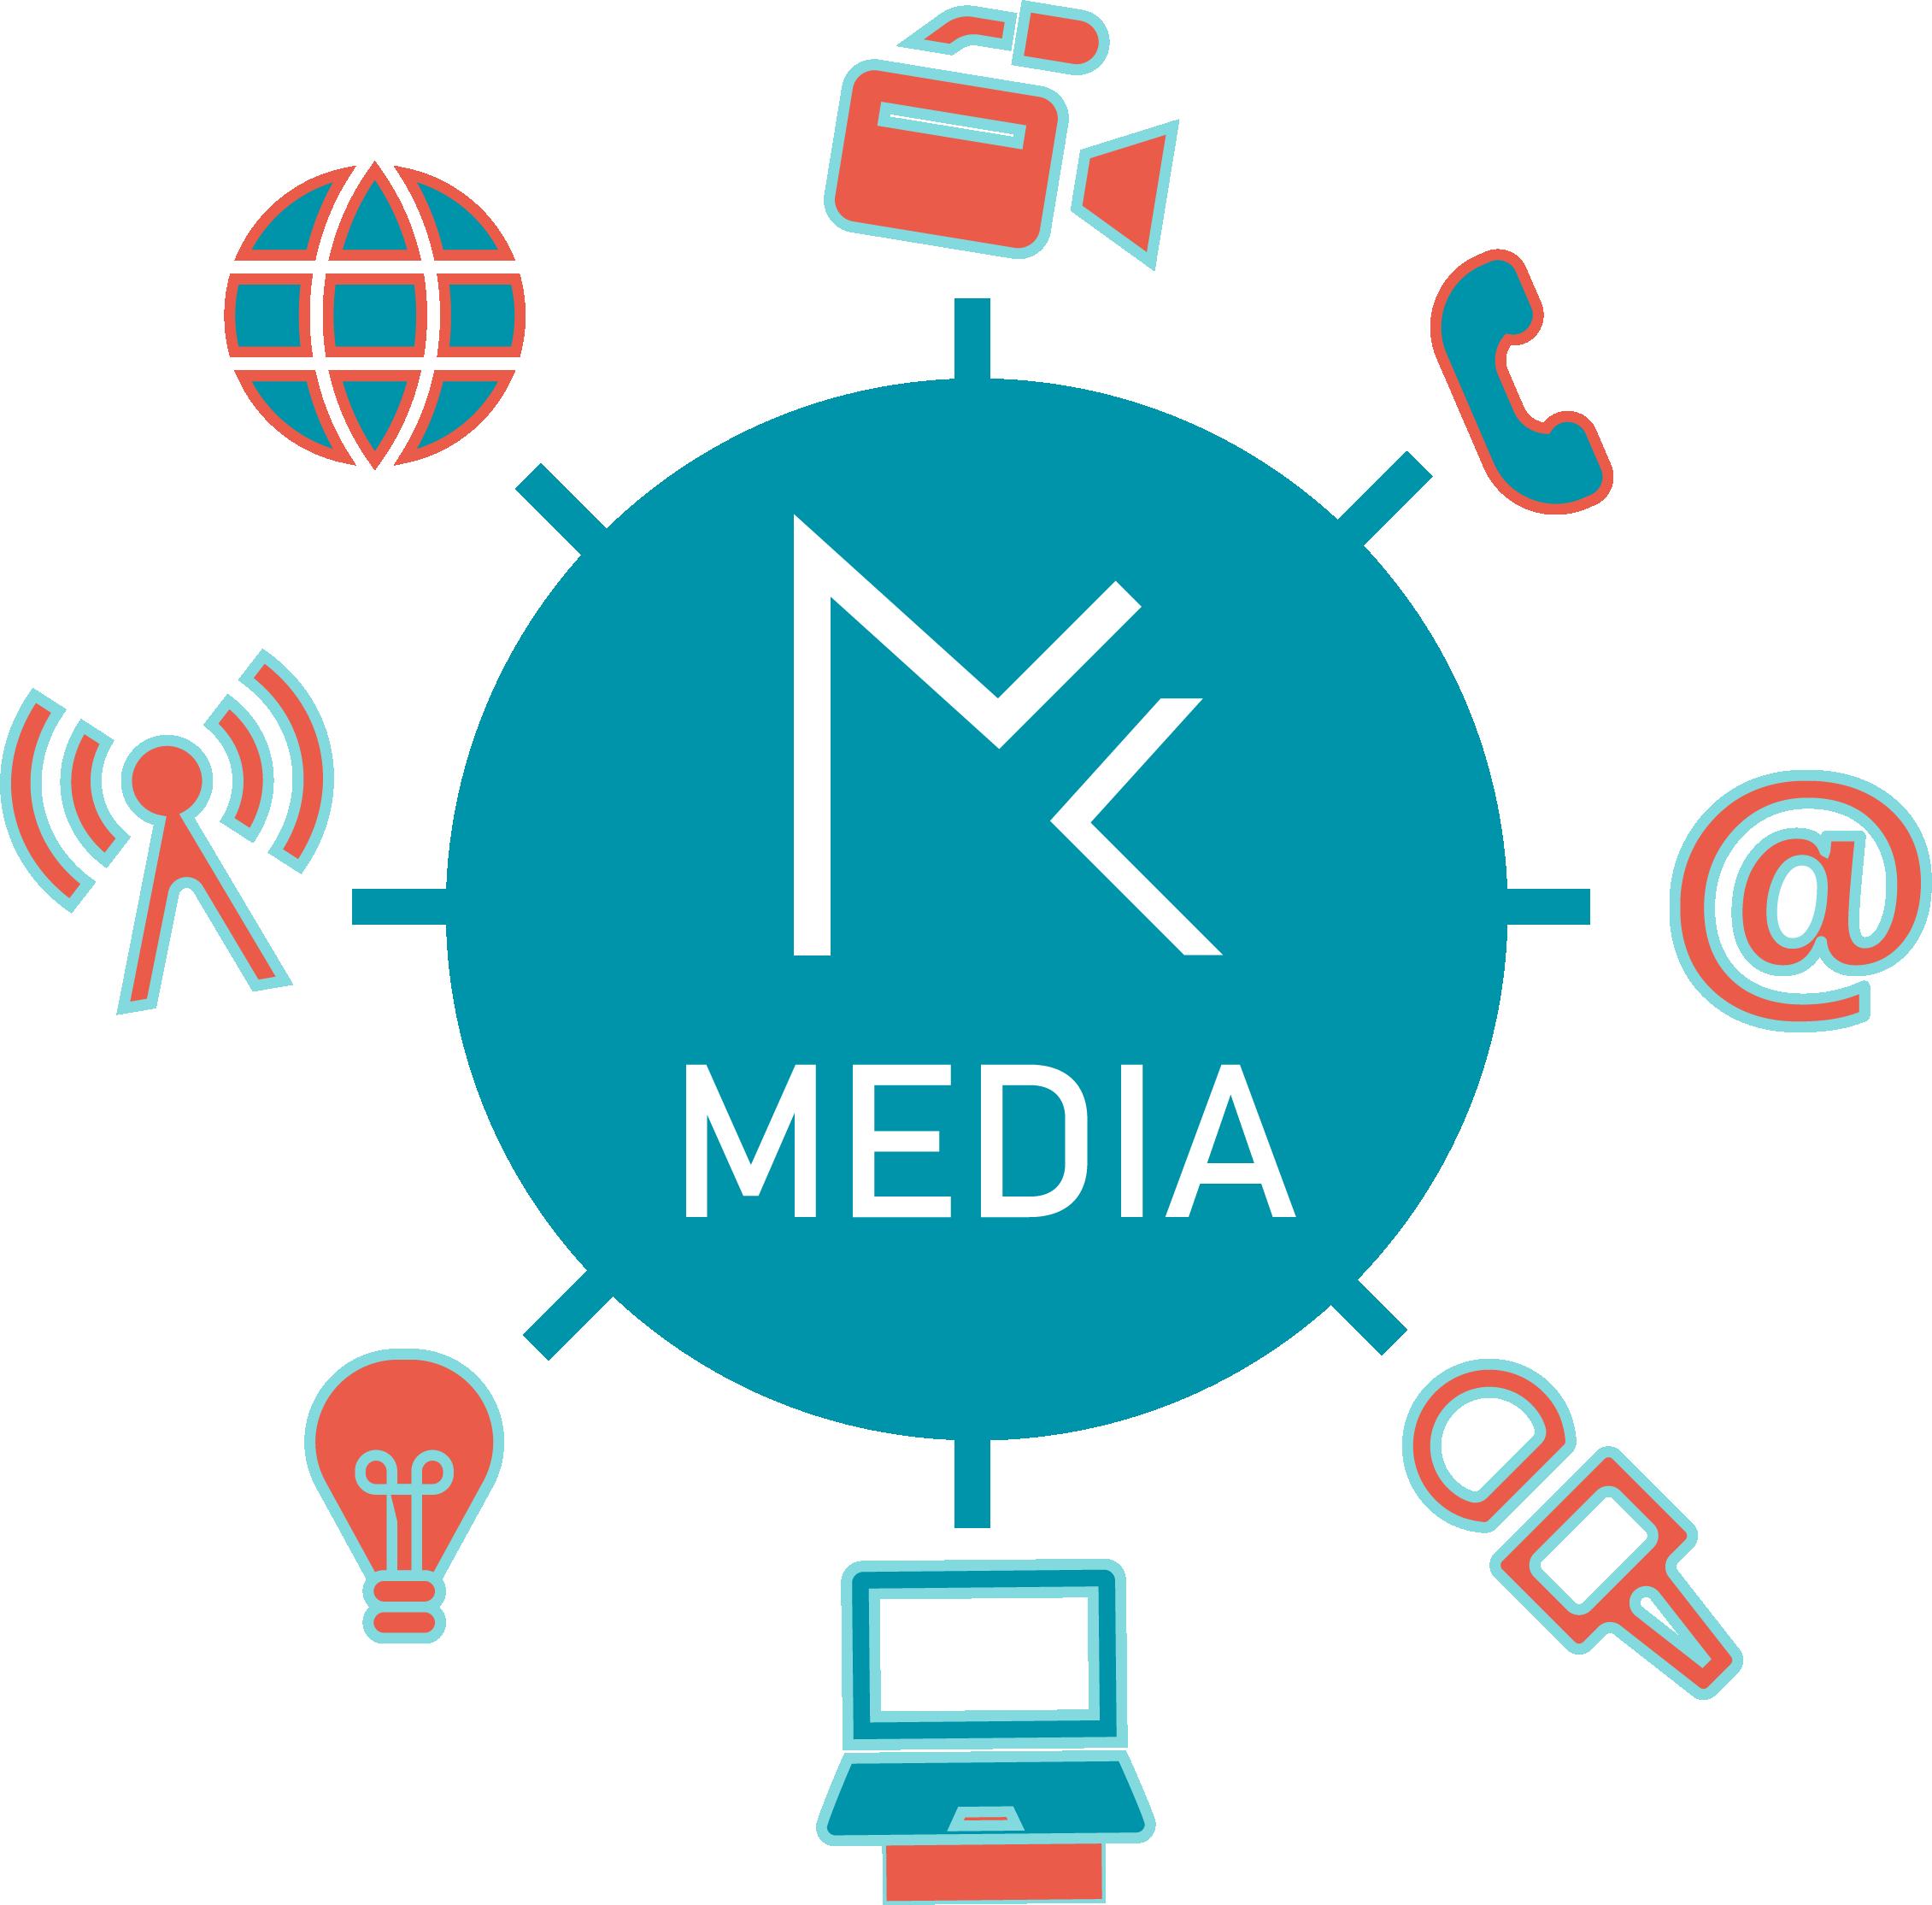 Apresentação do domínio dos Media